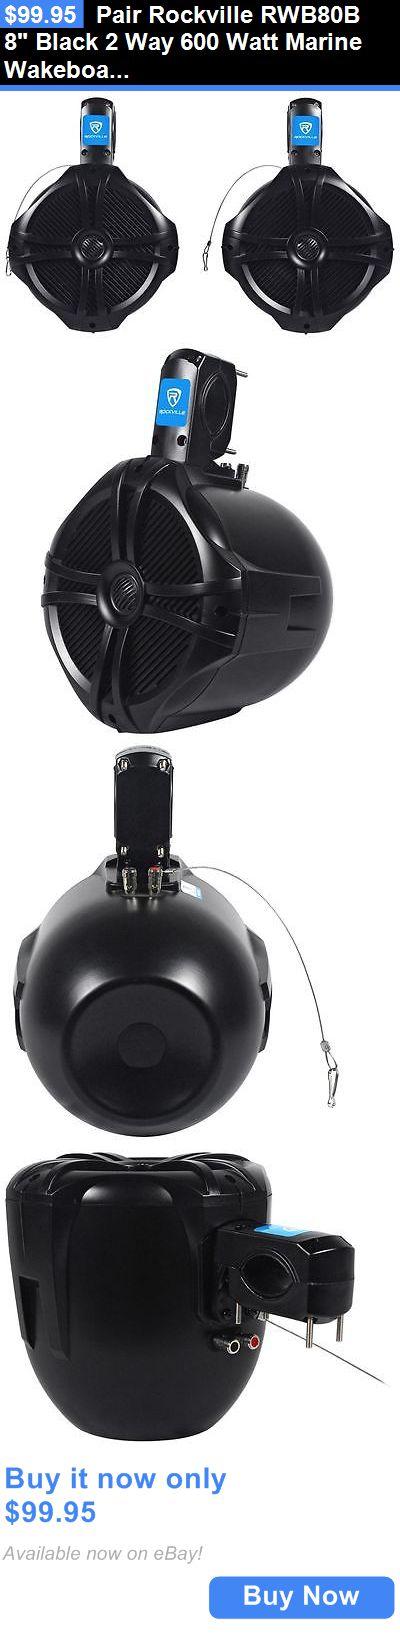 Marine Audio: Pair Rockville Rwb80b 8 Black 2 Way 600 Watt Marine Wakeboard Tower Speakers BUY IT NOW ONLY: $99.95